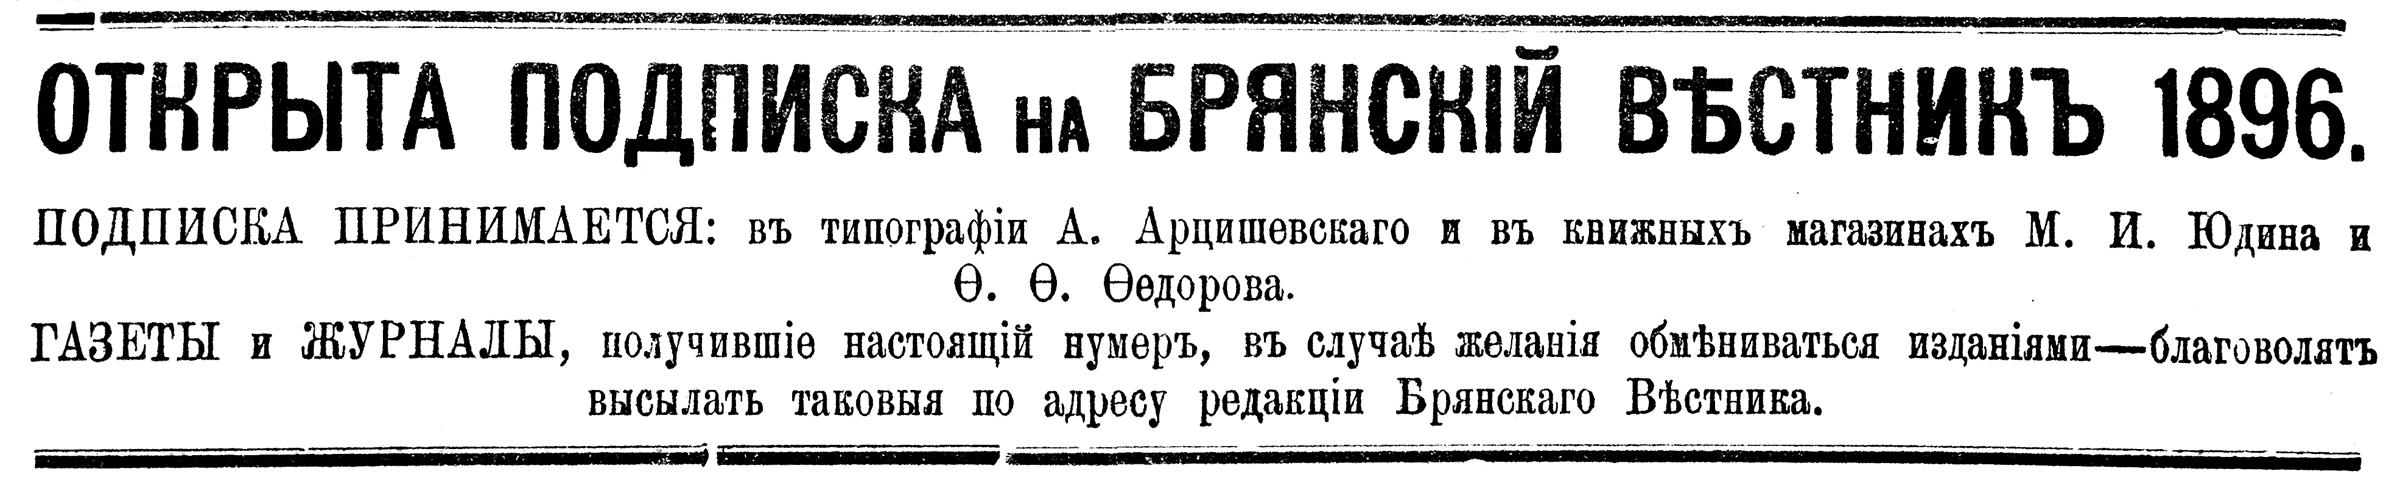 Открыта подписка на Брянский Вестник на 1896 год